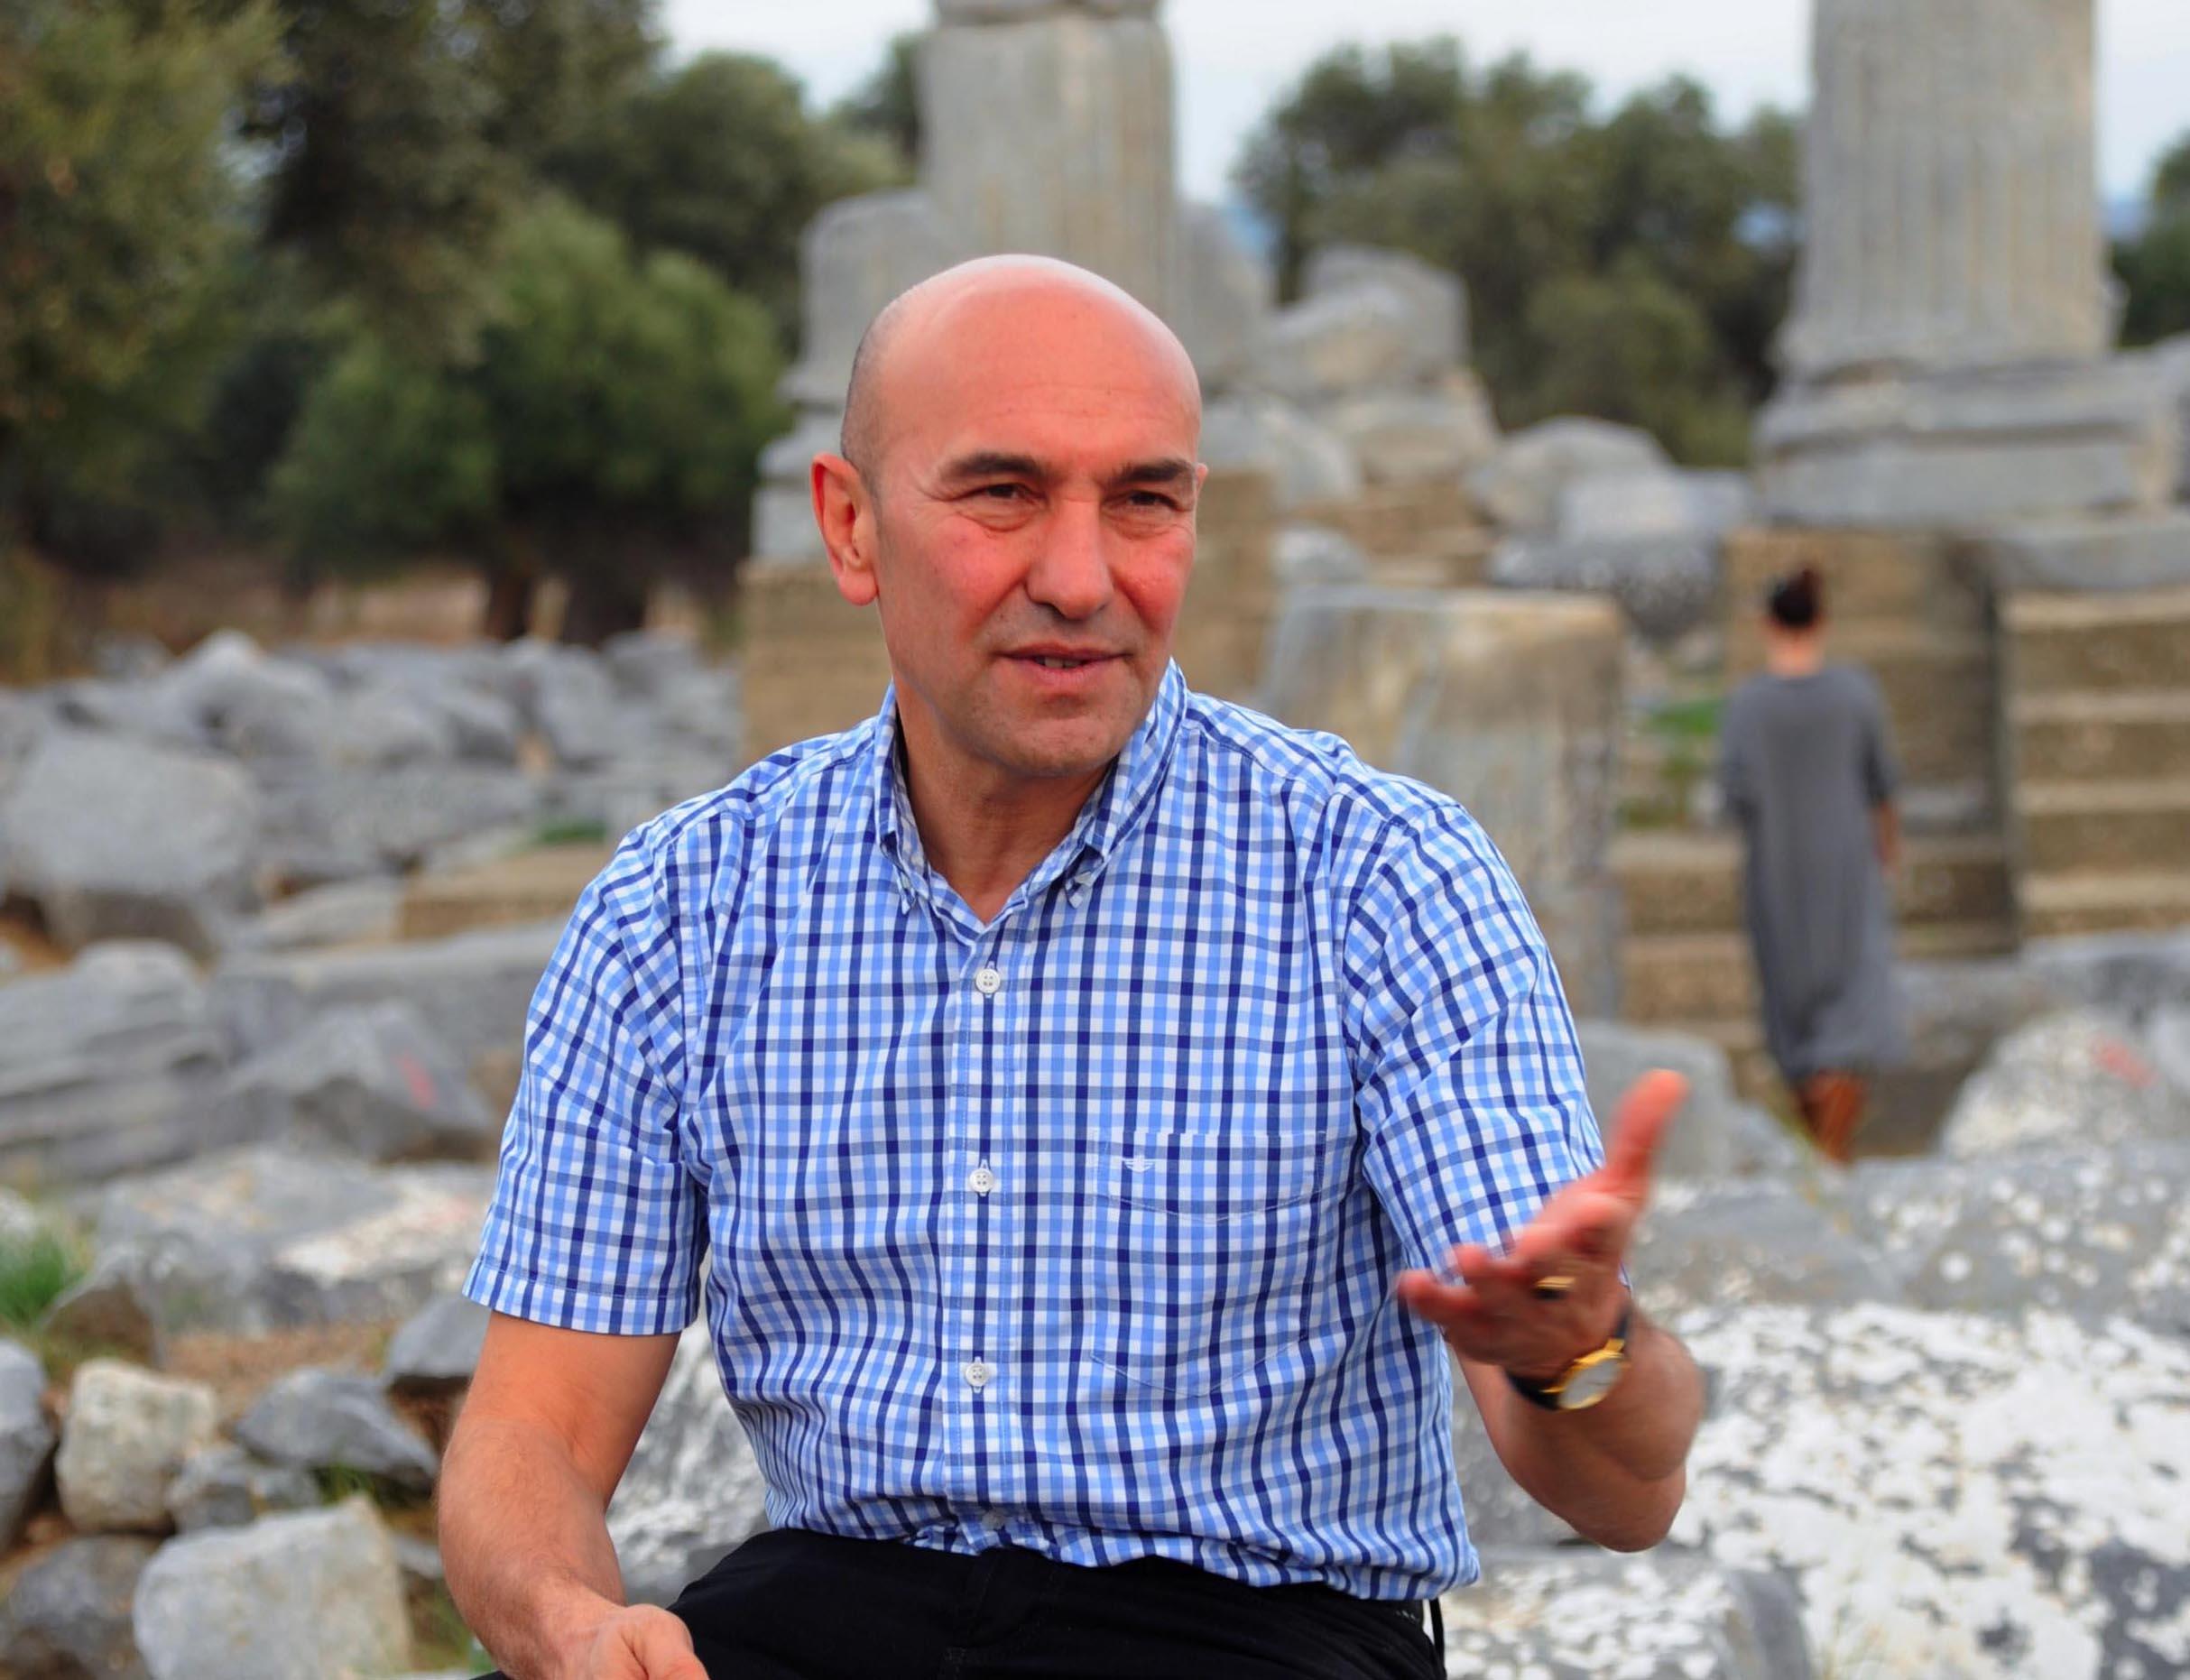 Beyaz Saray İç Güvenlik Danışmanı Bossert: Türkiyenin Afrin bölgesindeki çatışmadan çekilmesini tercih ederim 20